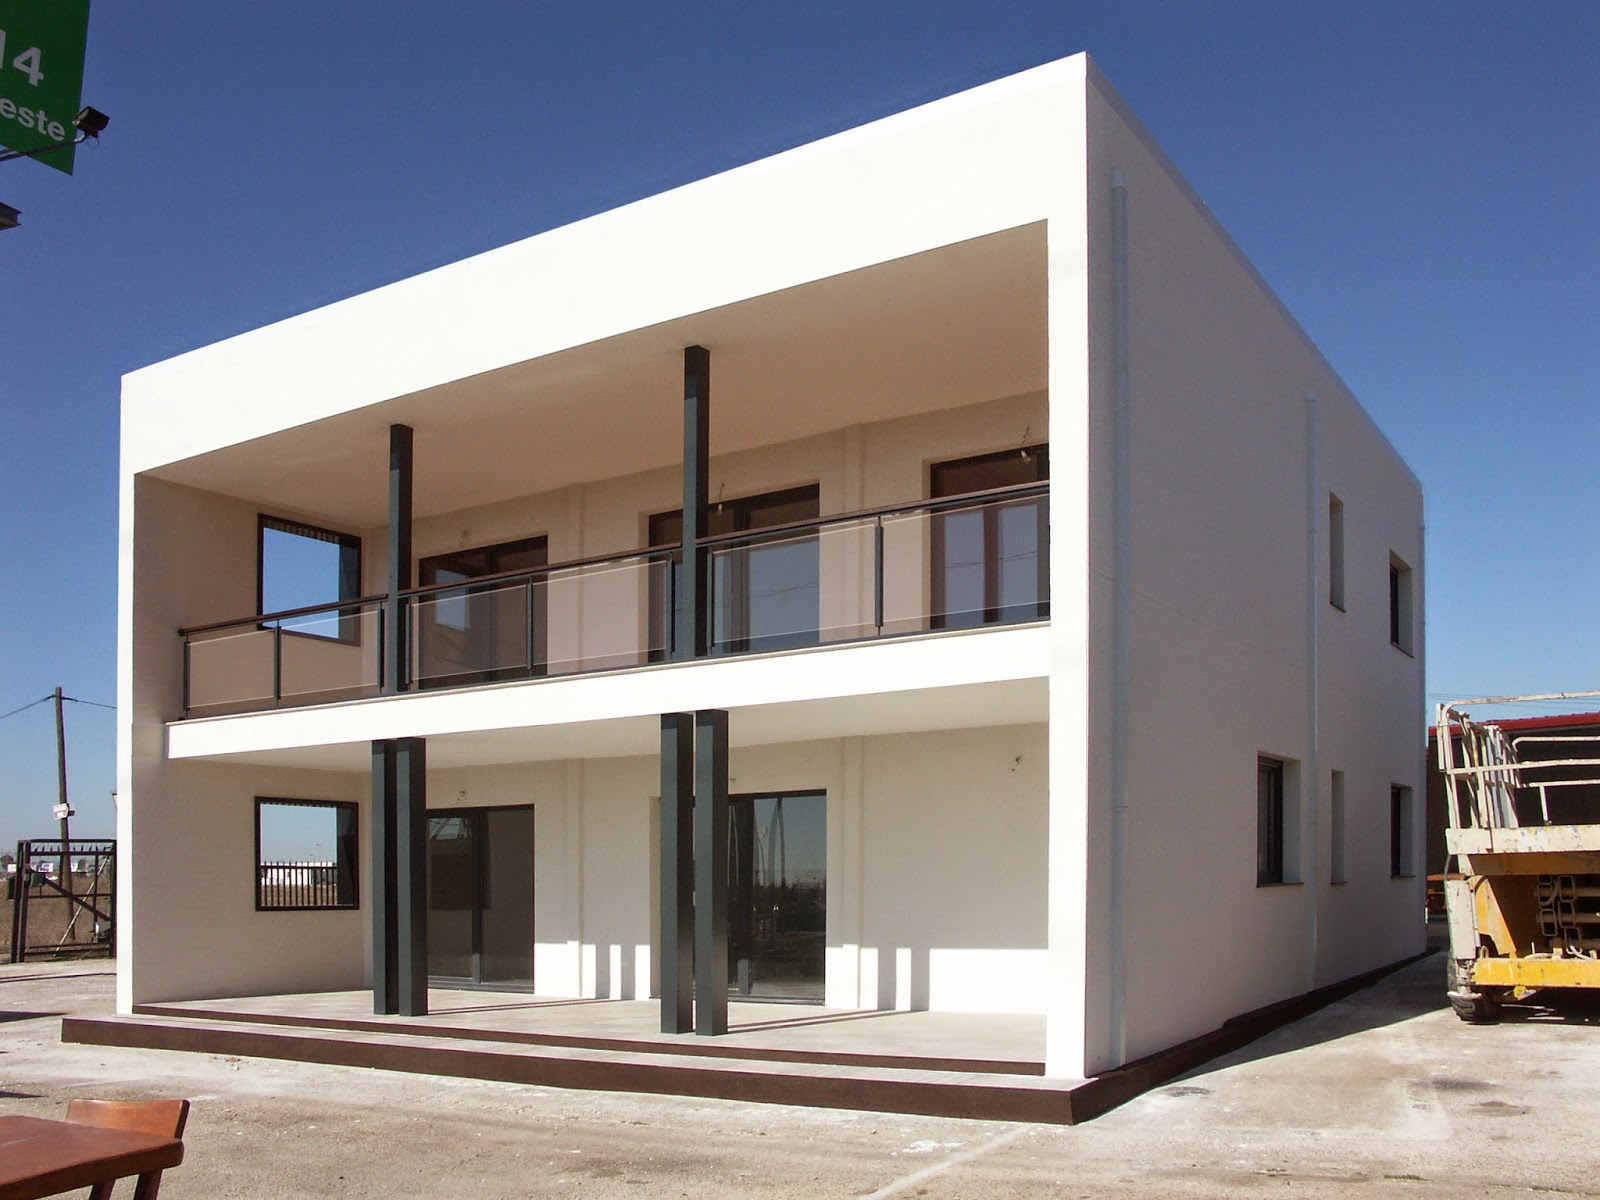 Acerormigon qcasa madrid bienvenidos al blog de casas prefabricadas de acero y hormigon - Casas modulares madrid ...